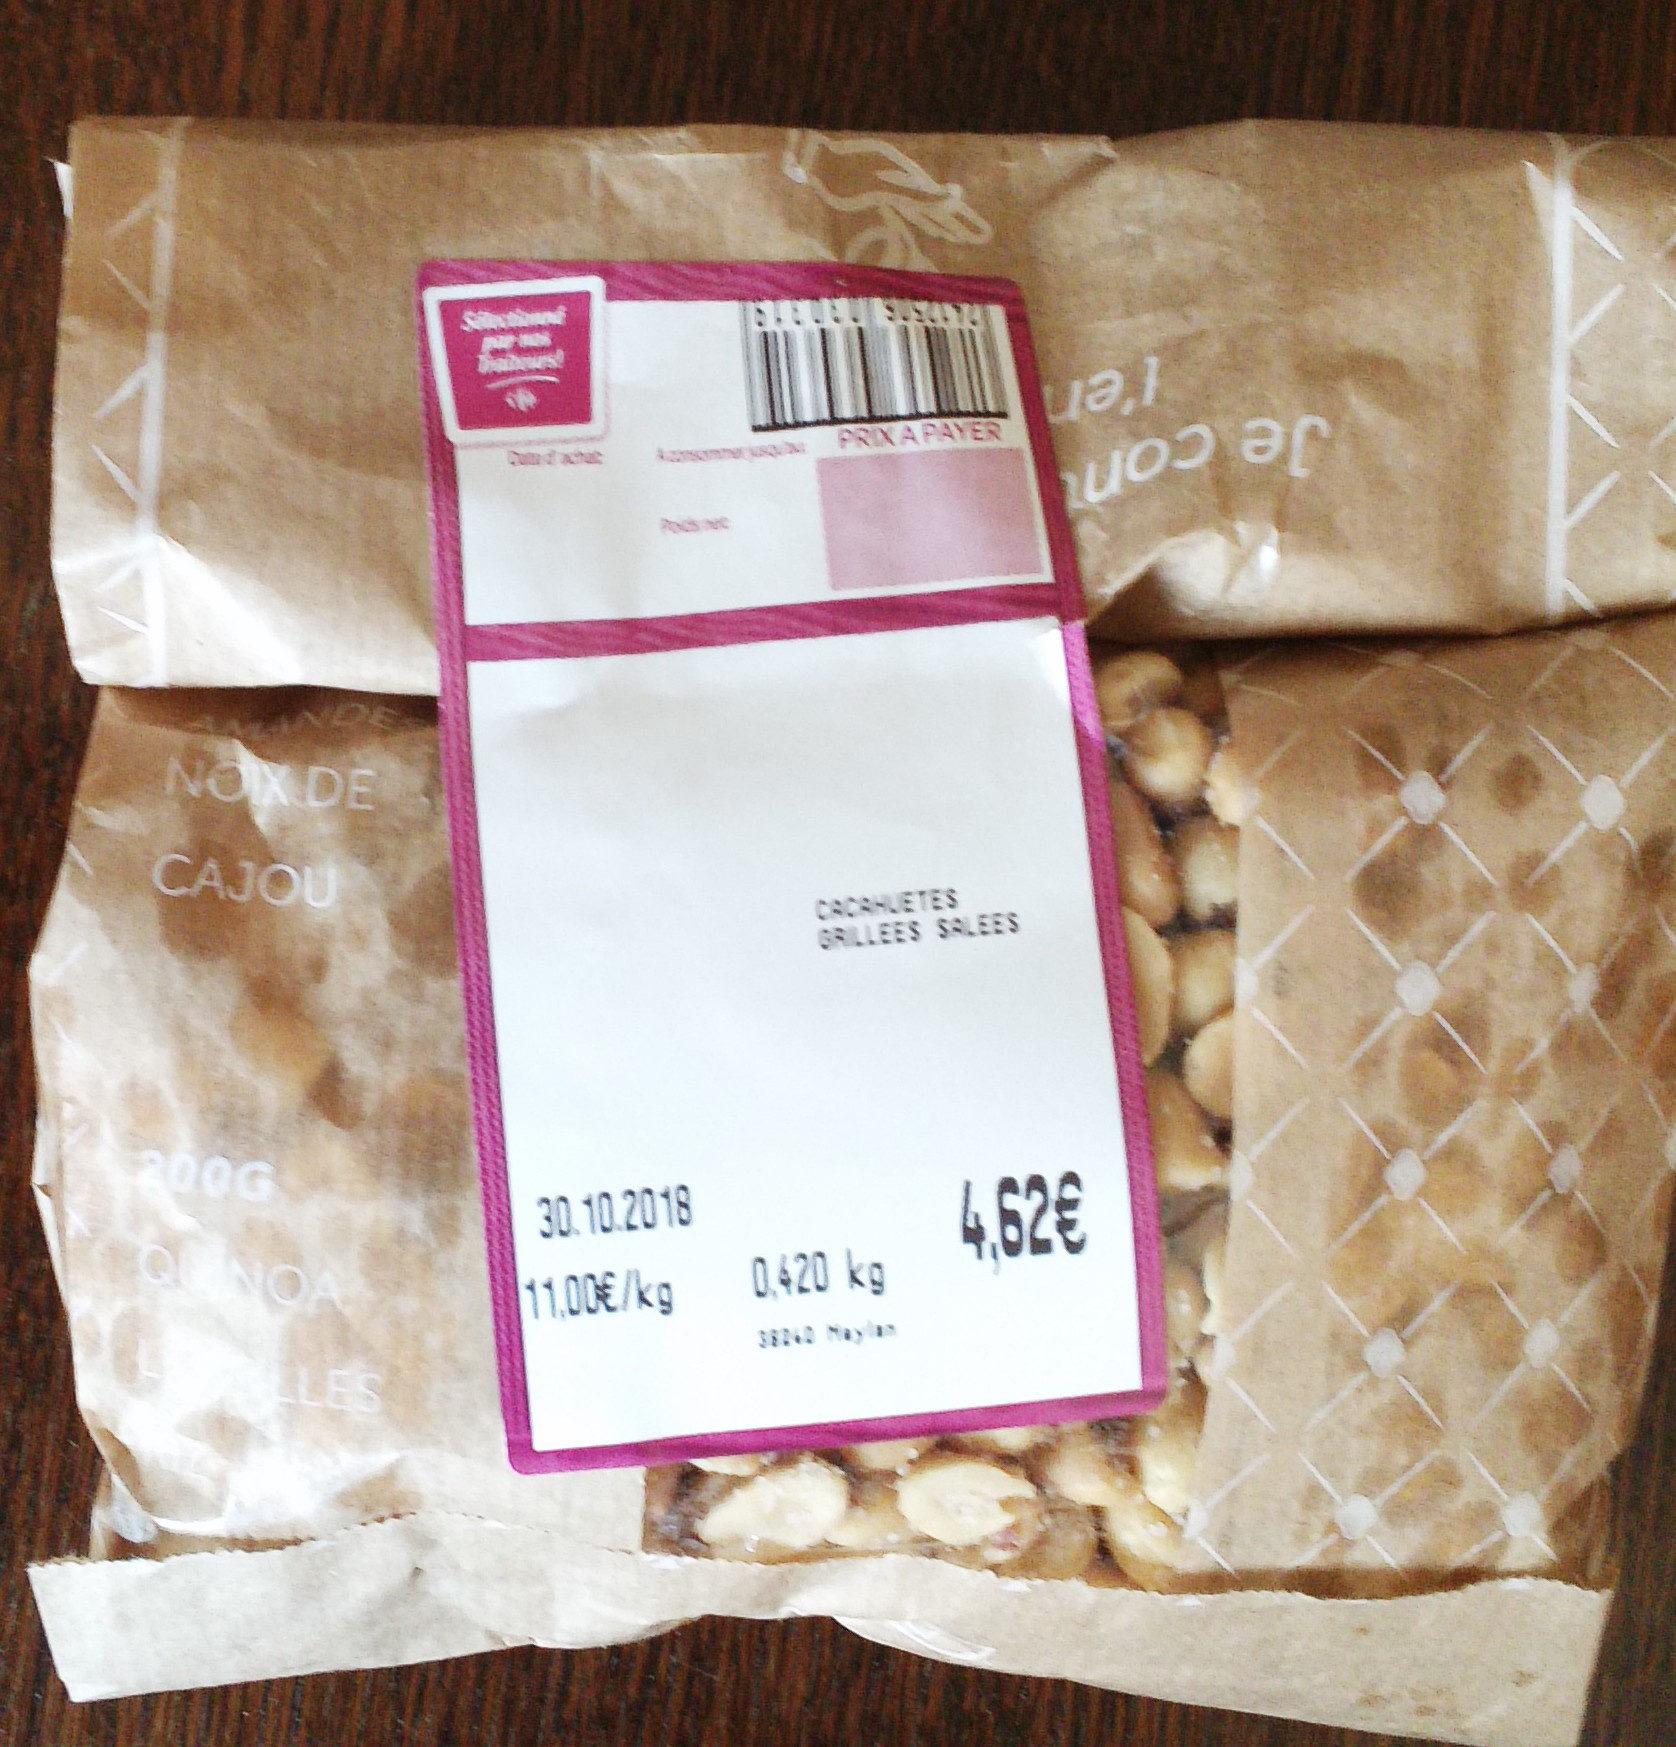 Cacahuetes Grillées Salées - Product - fr